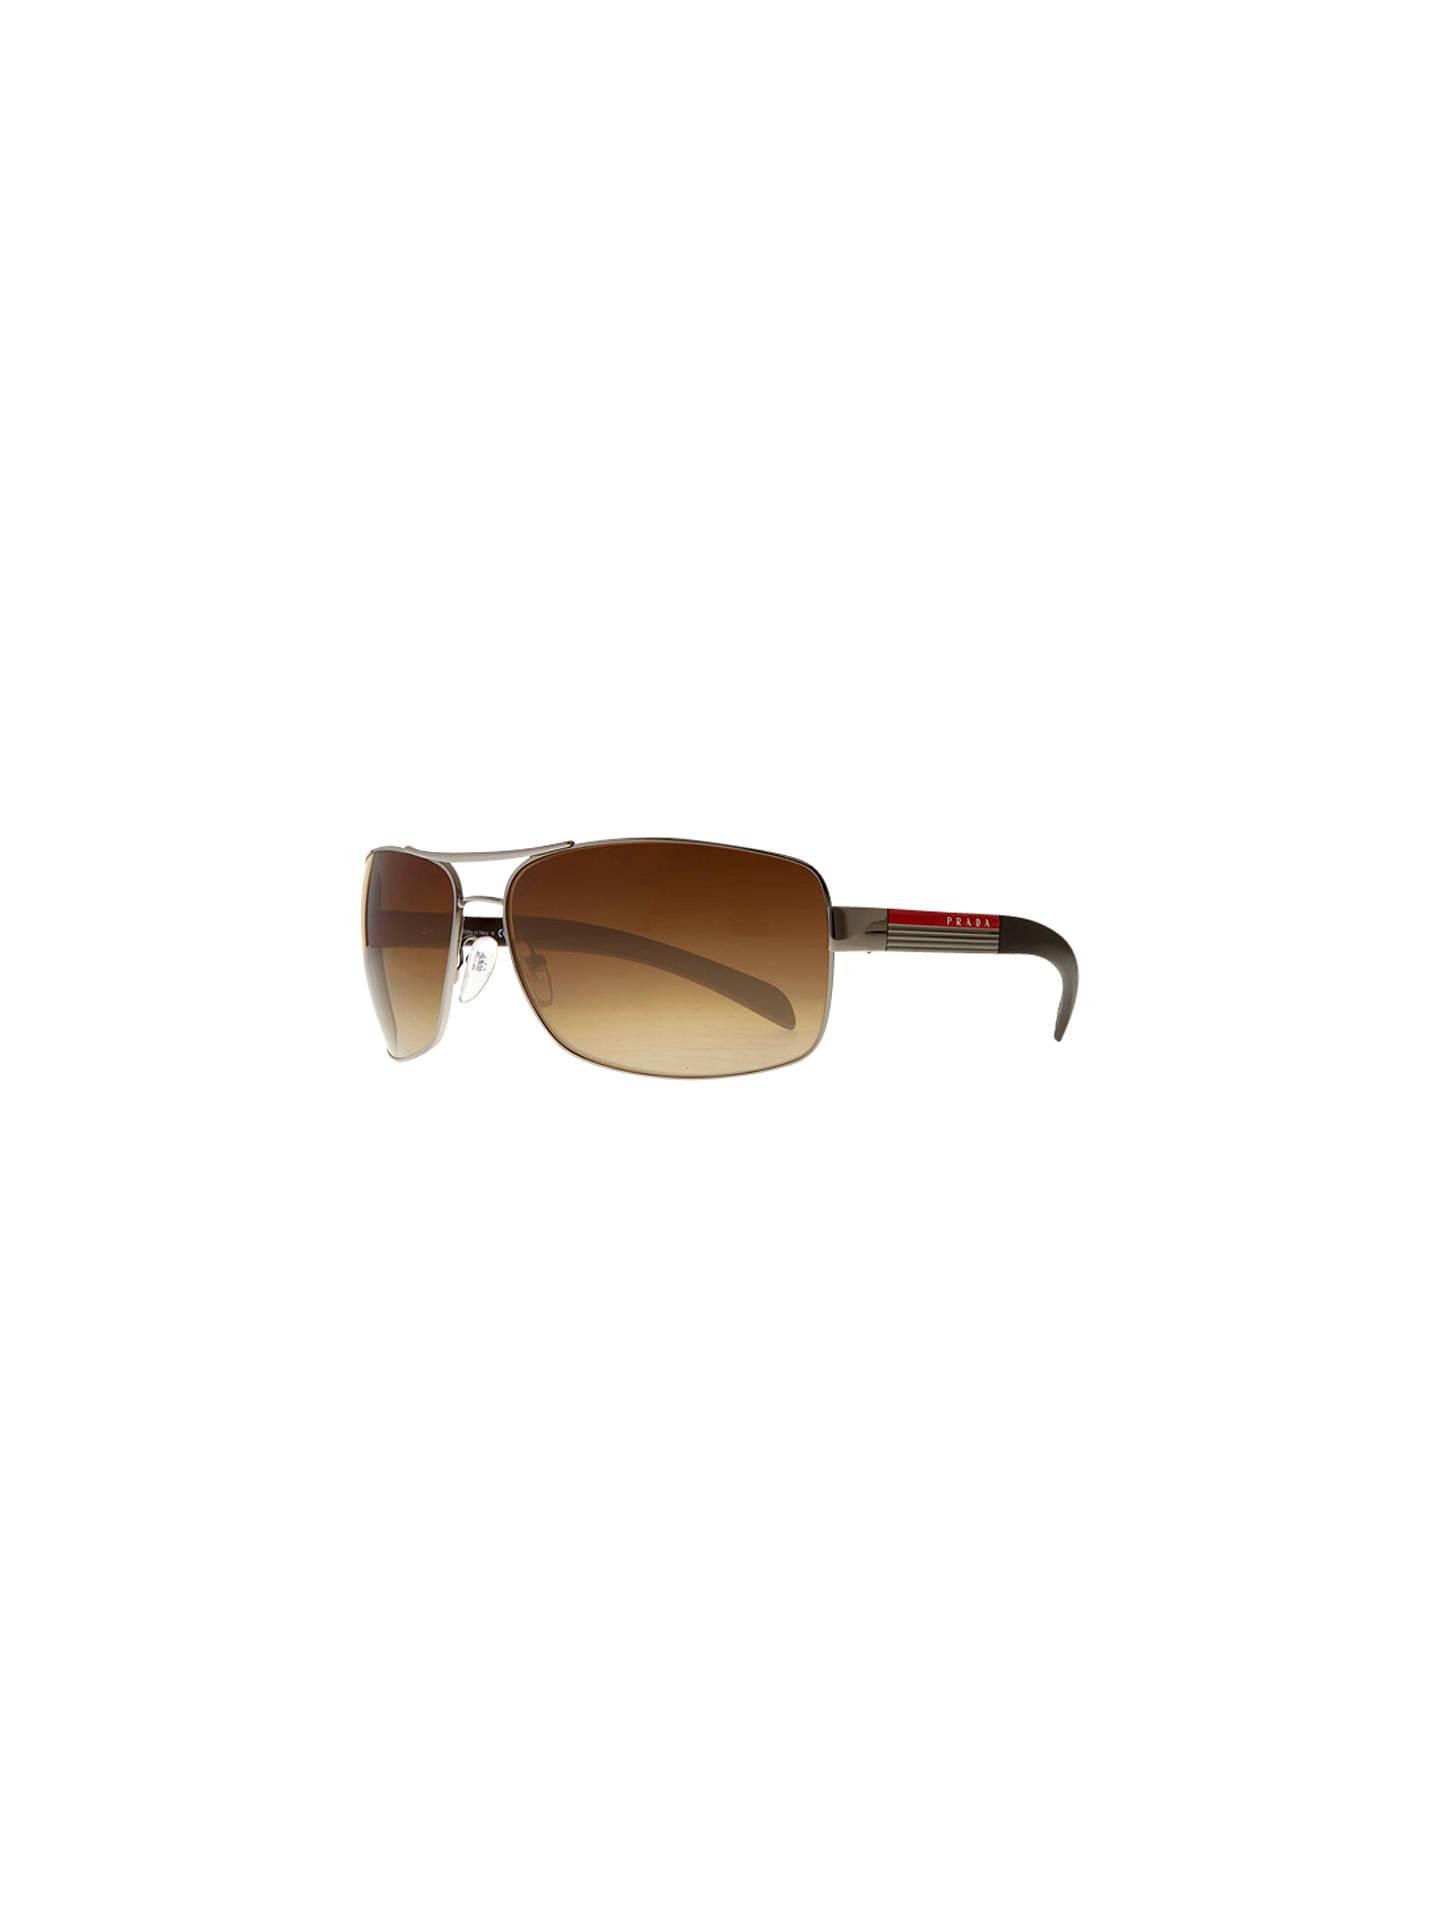 68cad4df7b3a Buy Prada Linea Rossa PS541S Aviator Sunglasses, Brown Online at  johnlewis.com ...